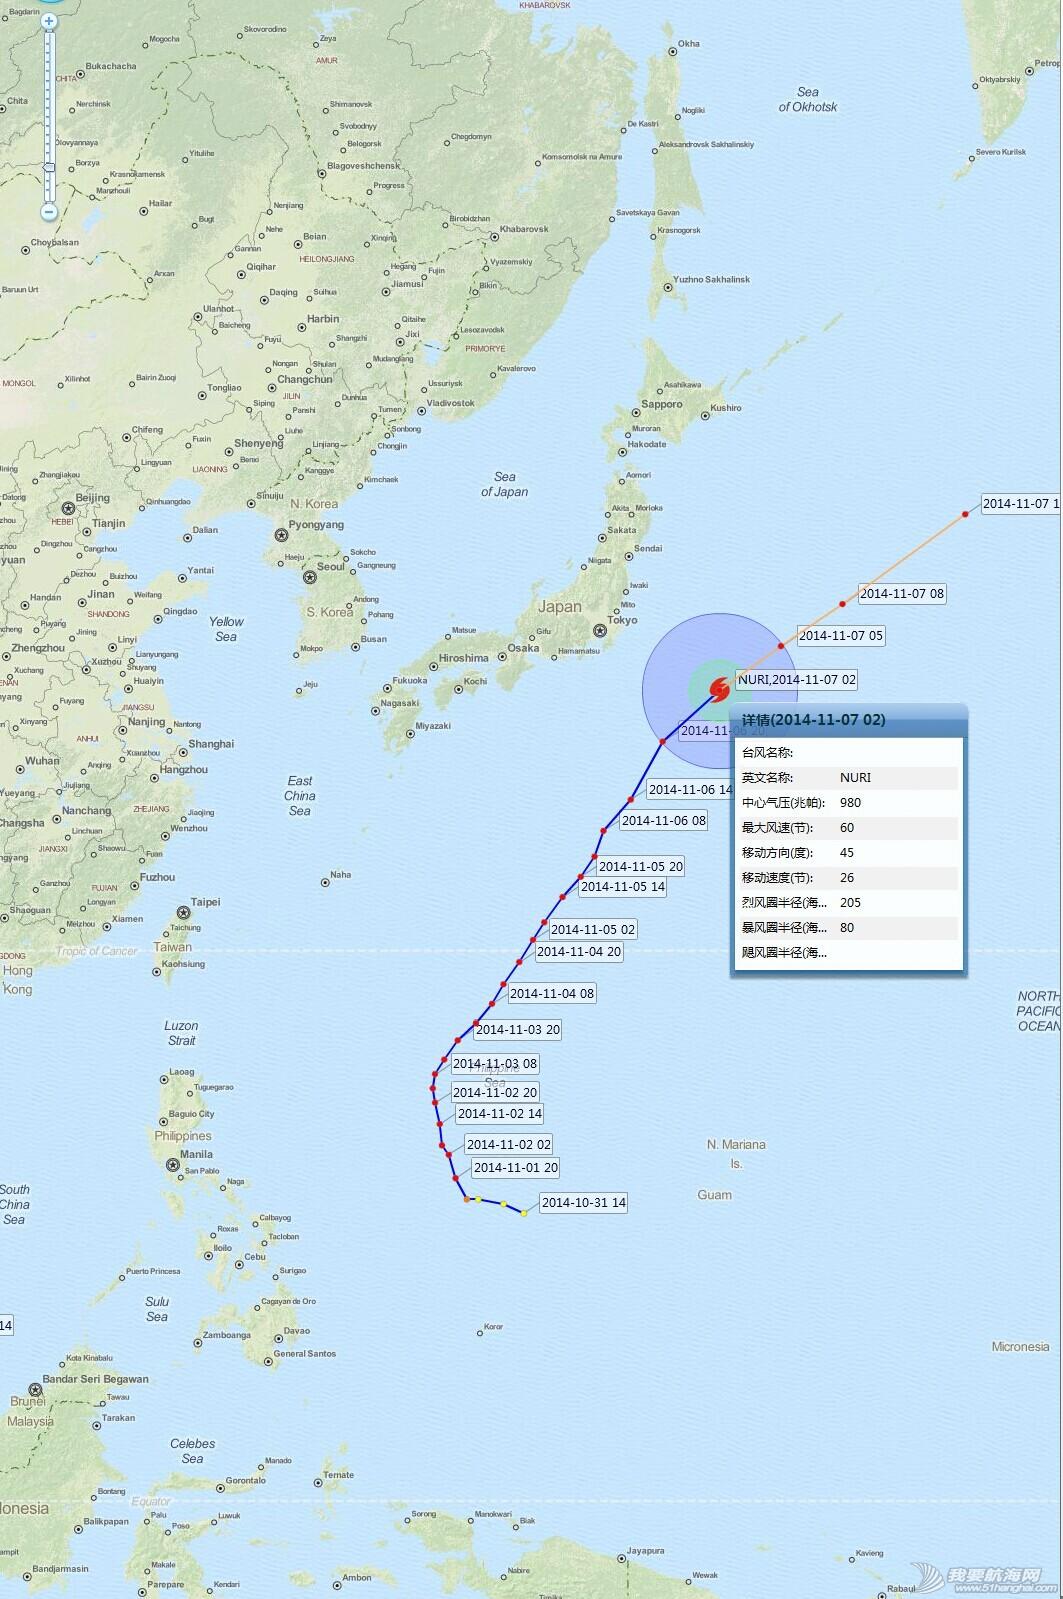 台风,气象导航,航海气象,海洋气象,太平洋台风 20141101 台风鹦鹉(Nuri) 20141107 台风鹦鹉